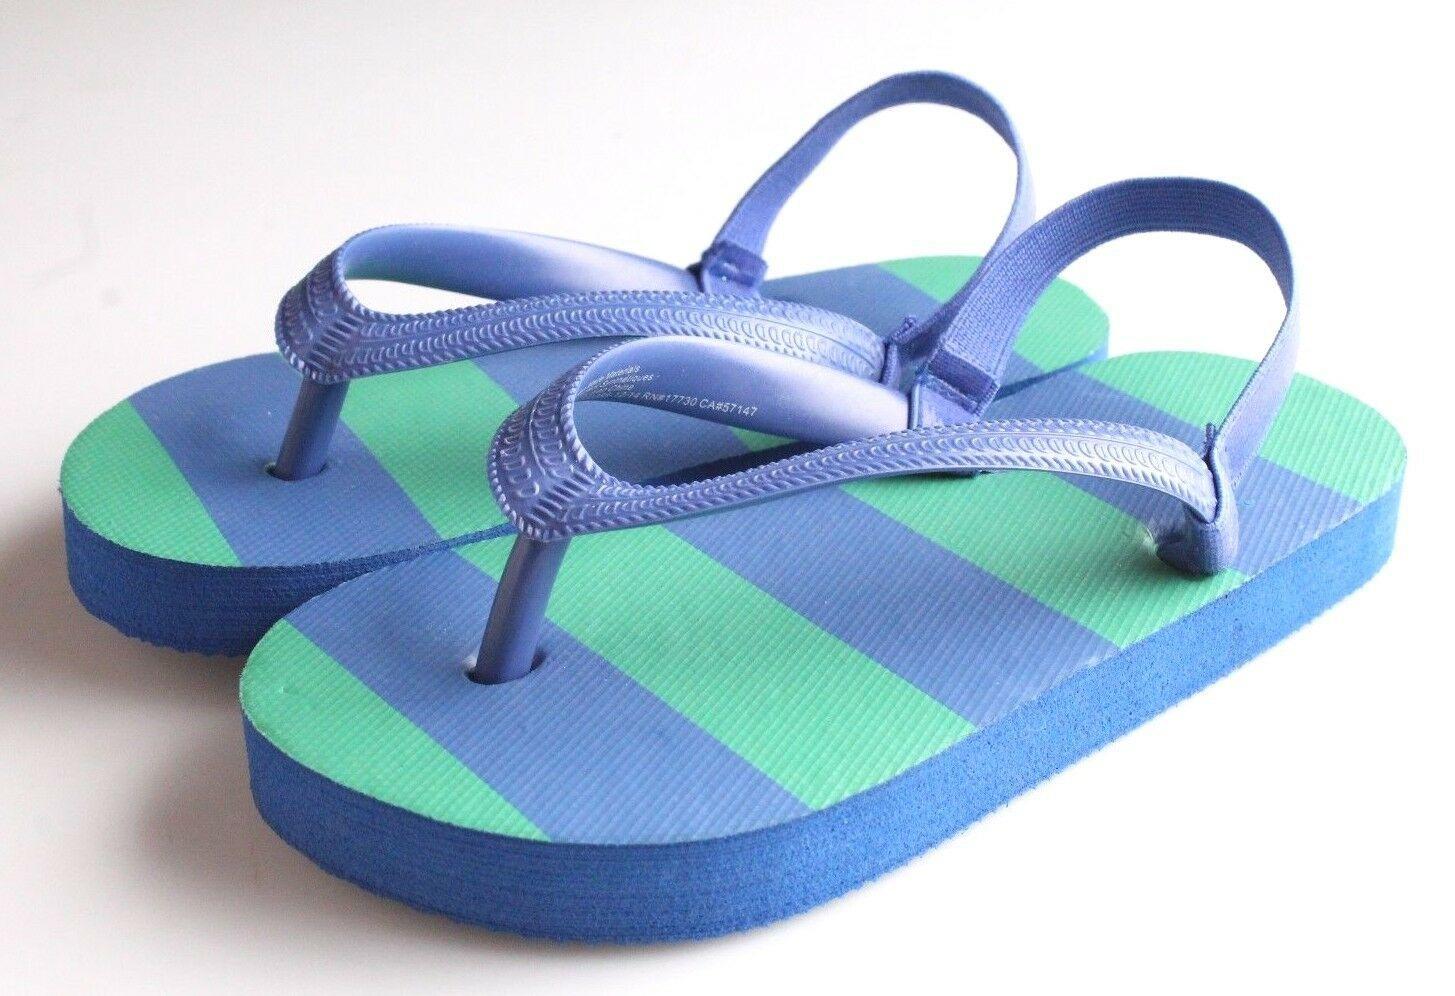 Kinder Grün Oder Grün/Blau Gestreift Gummi Zehentrenner Strand Slipper Sandalen